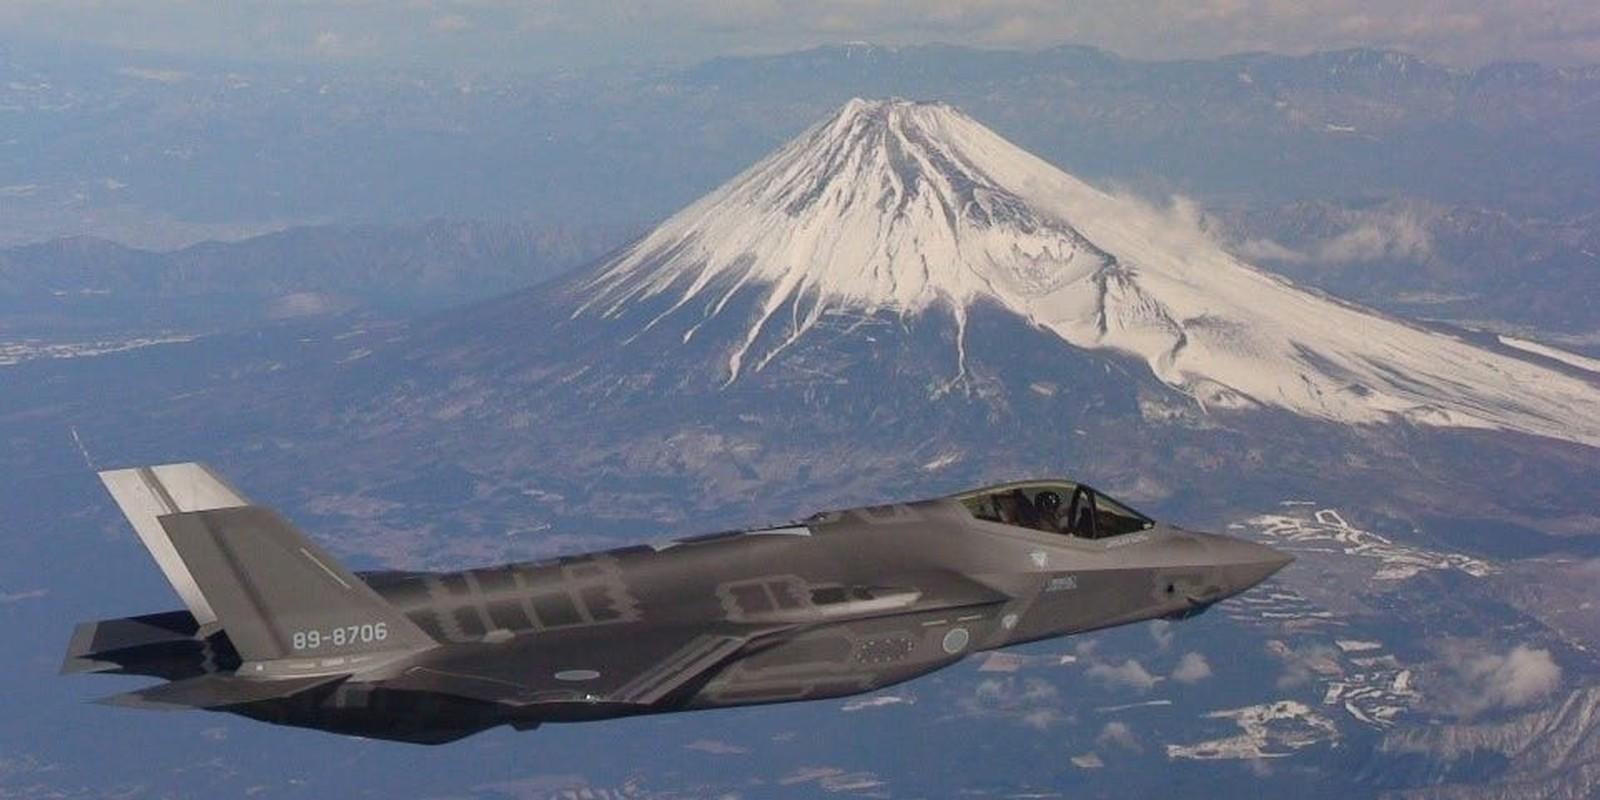 Nhung tiem kich F-35A dau tien duoc lap tai Nhat da chinh thuc bay duoc-Hinh-8